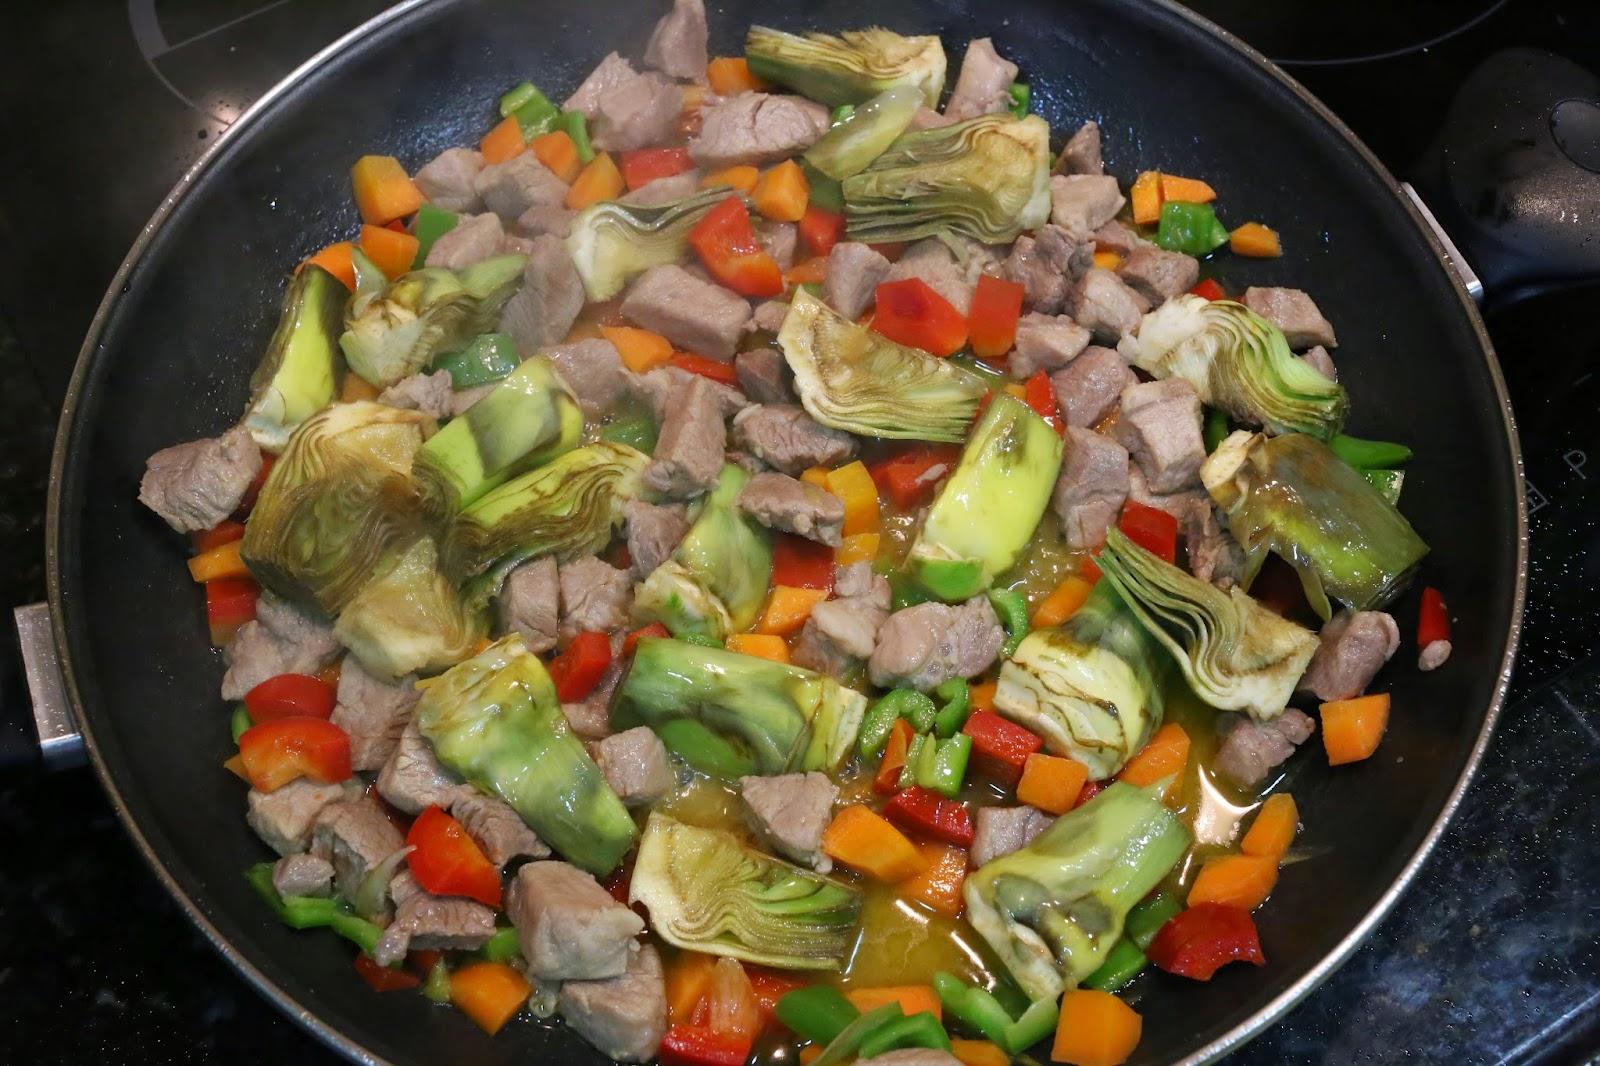 Preparación de arroz con alcachofas y lomo de cerdo